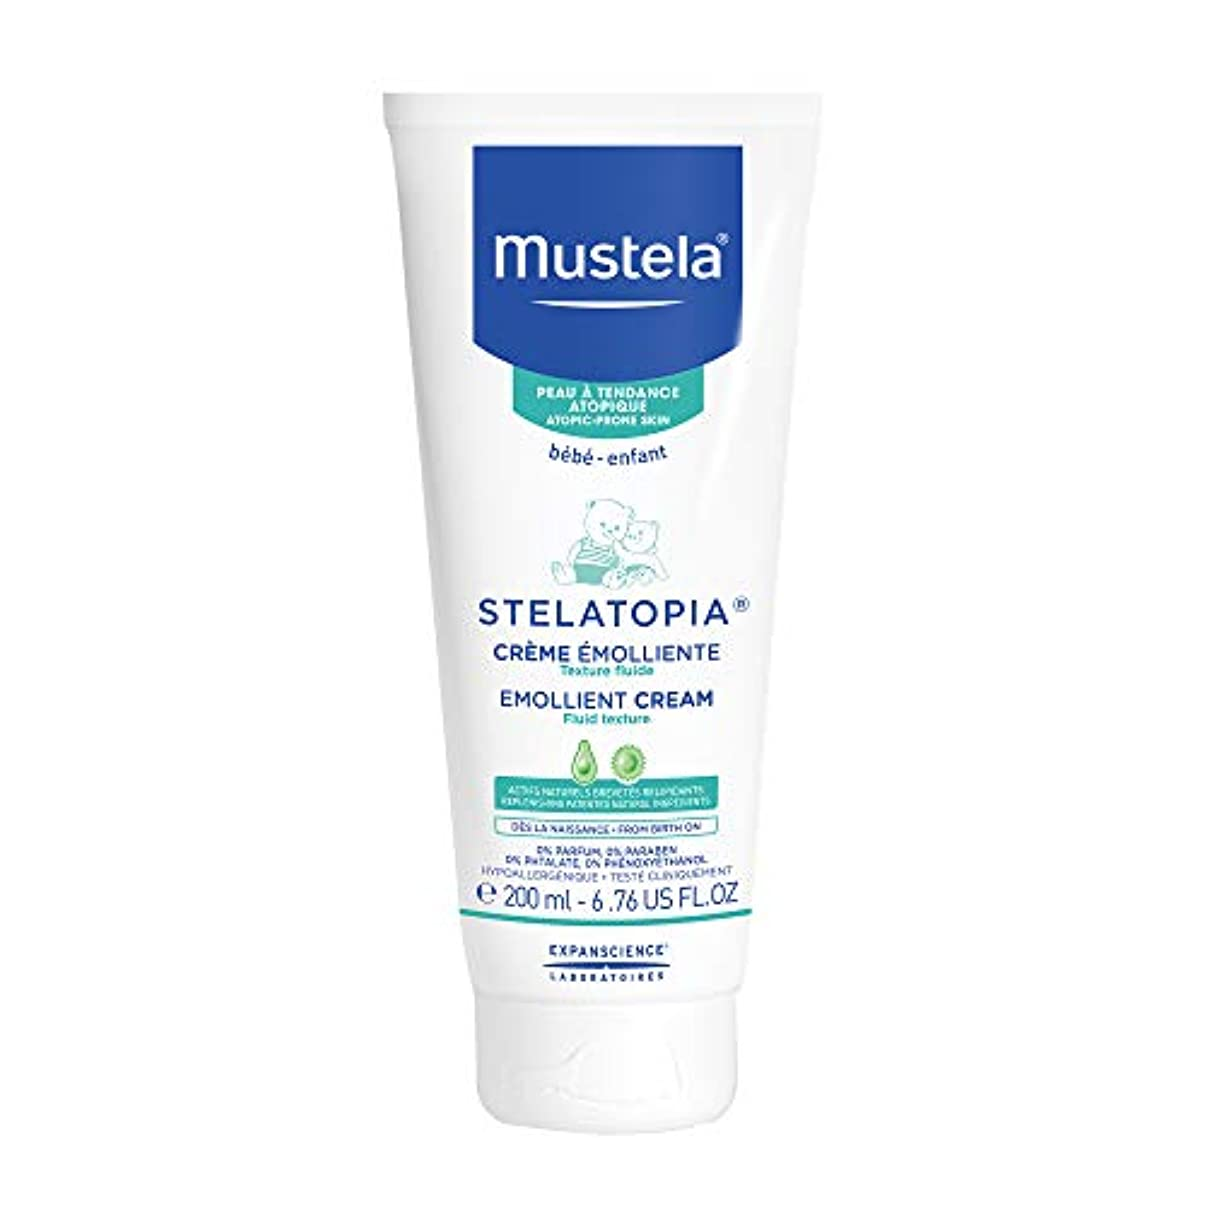 甘美な驚き摂動Mustela - Stelatopia Emollient Cream (6.76 oz.)